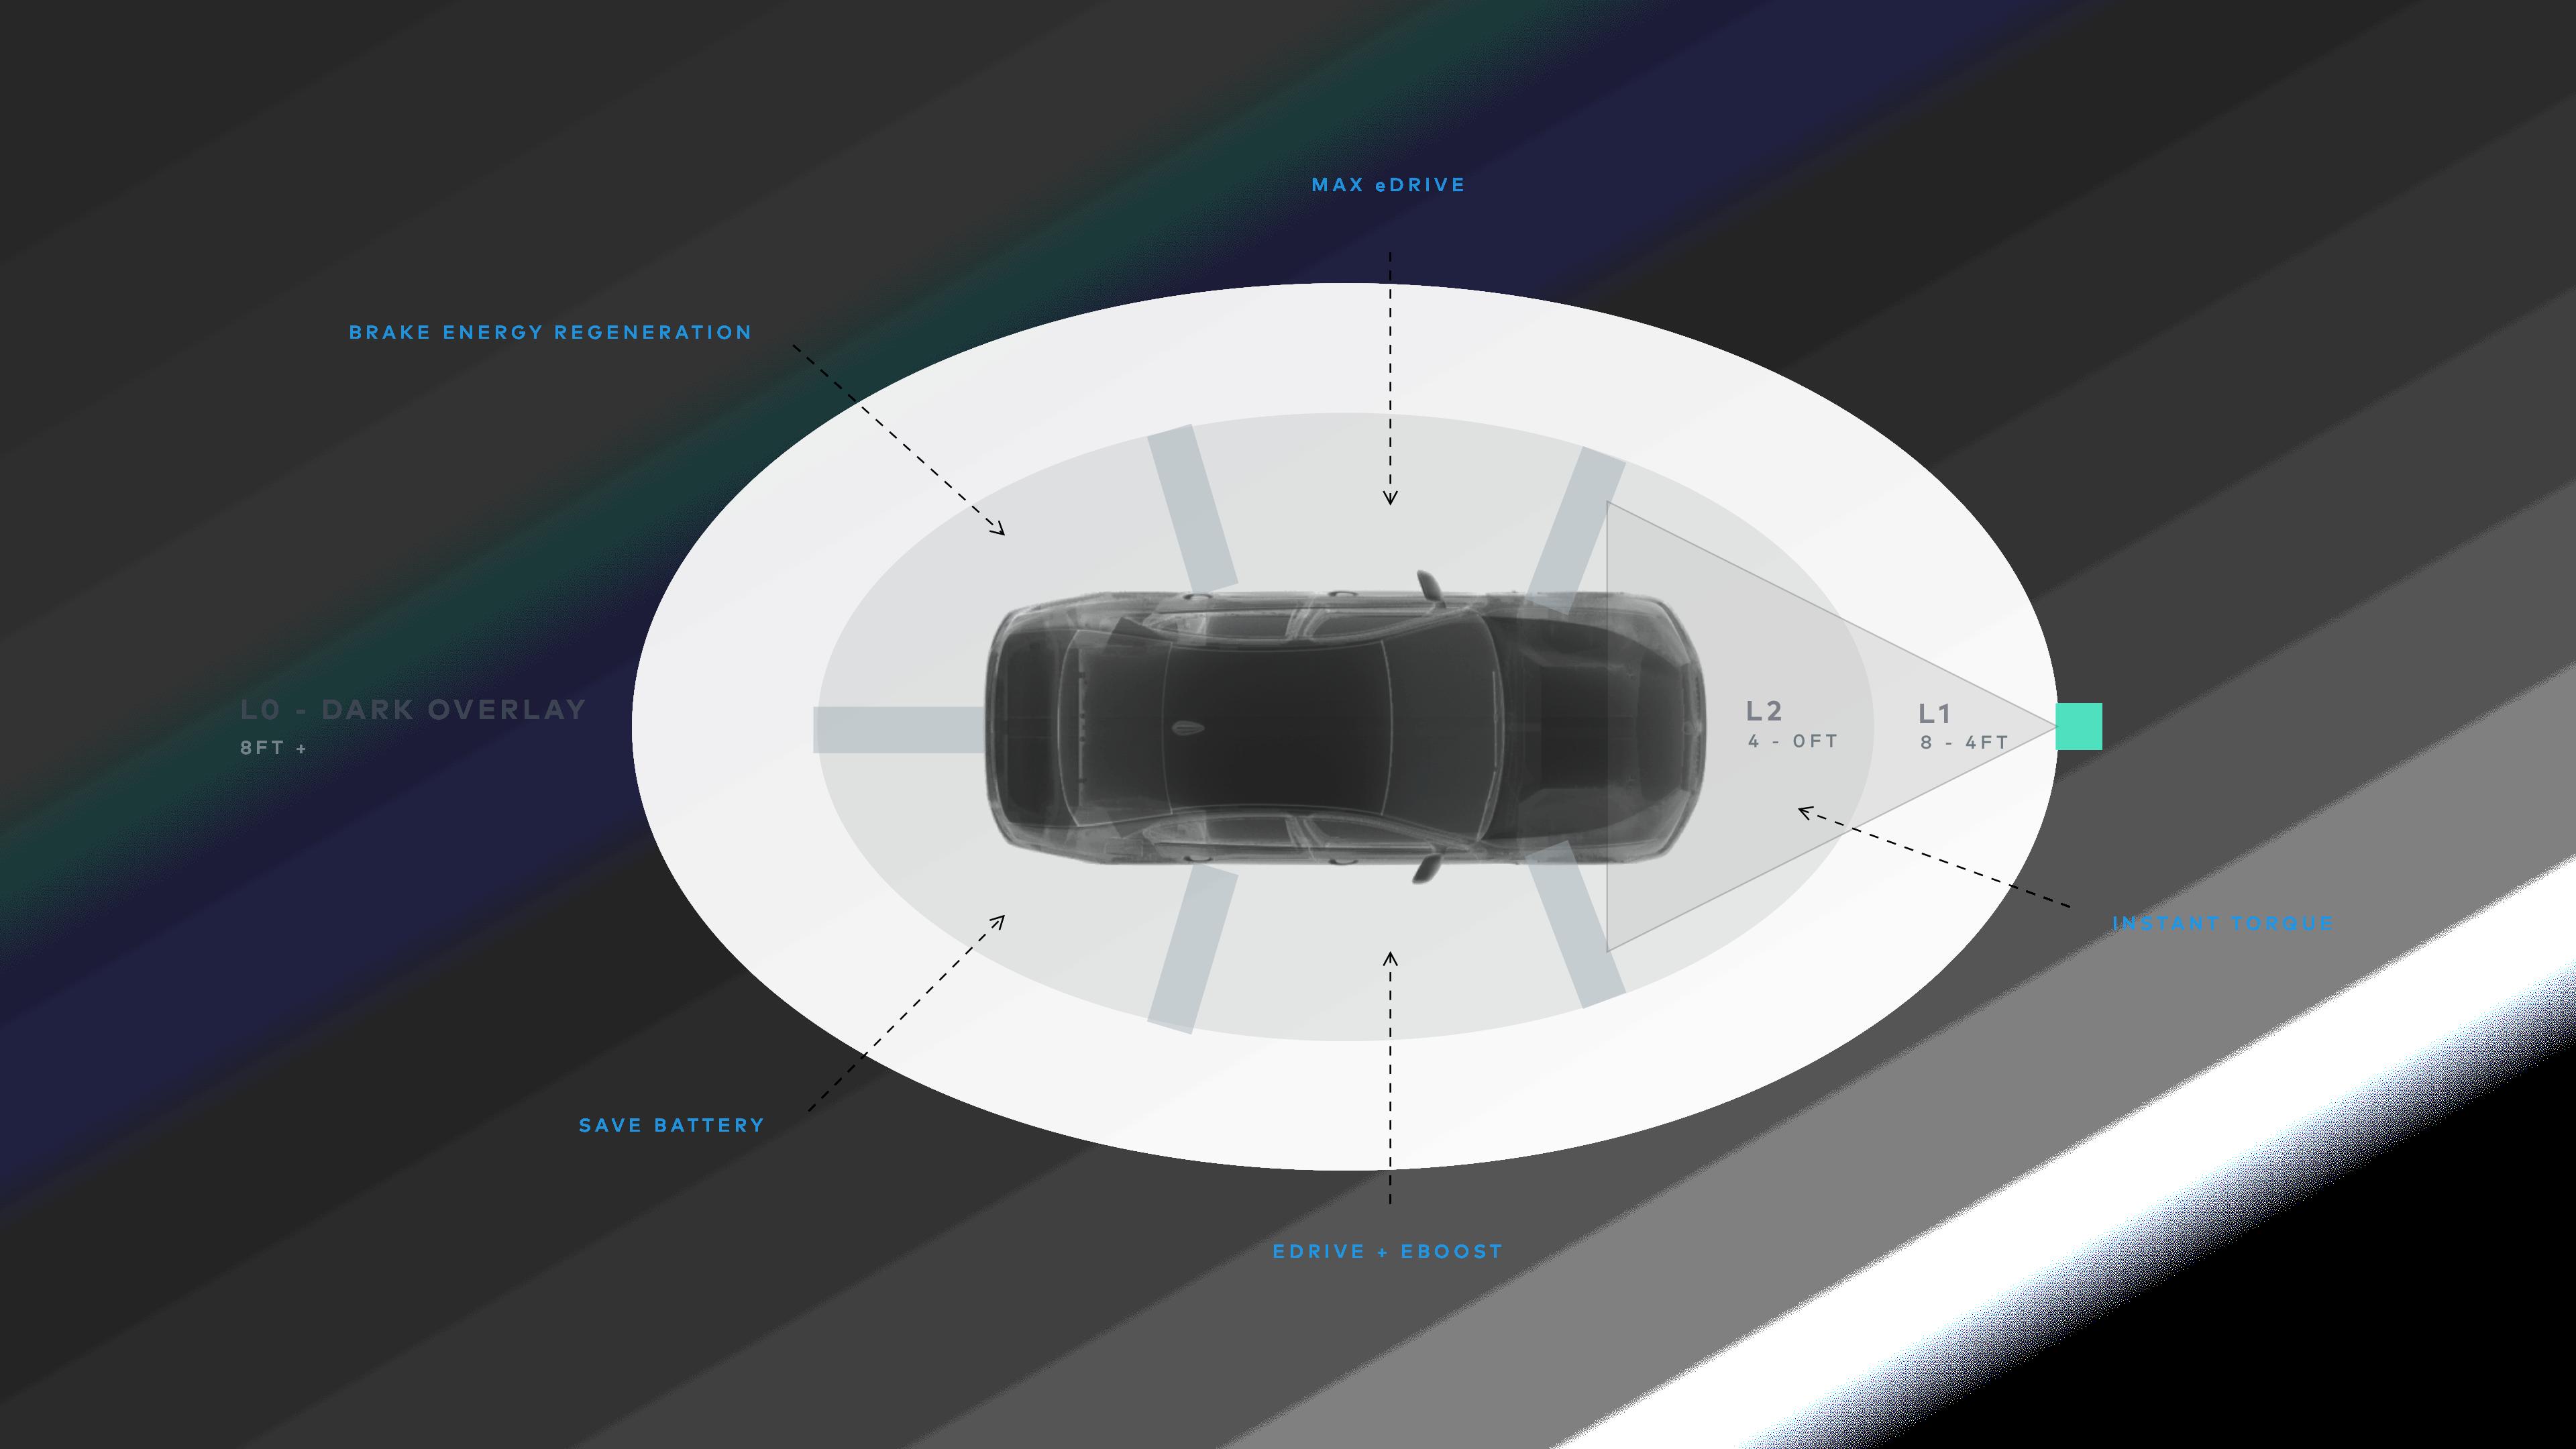 BMW_AR_OH_Layout